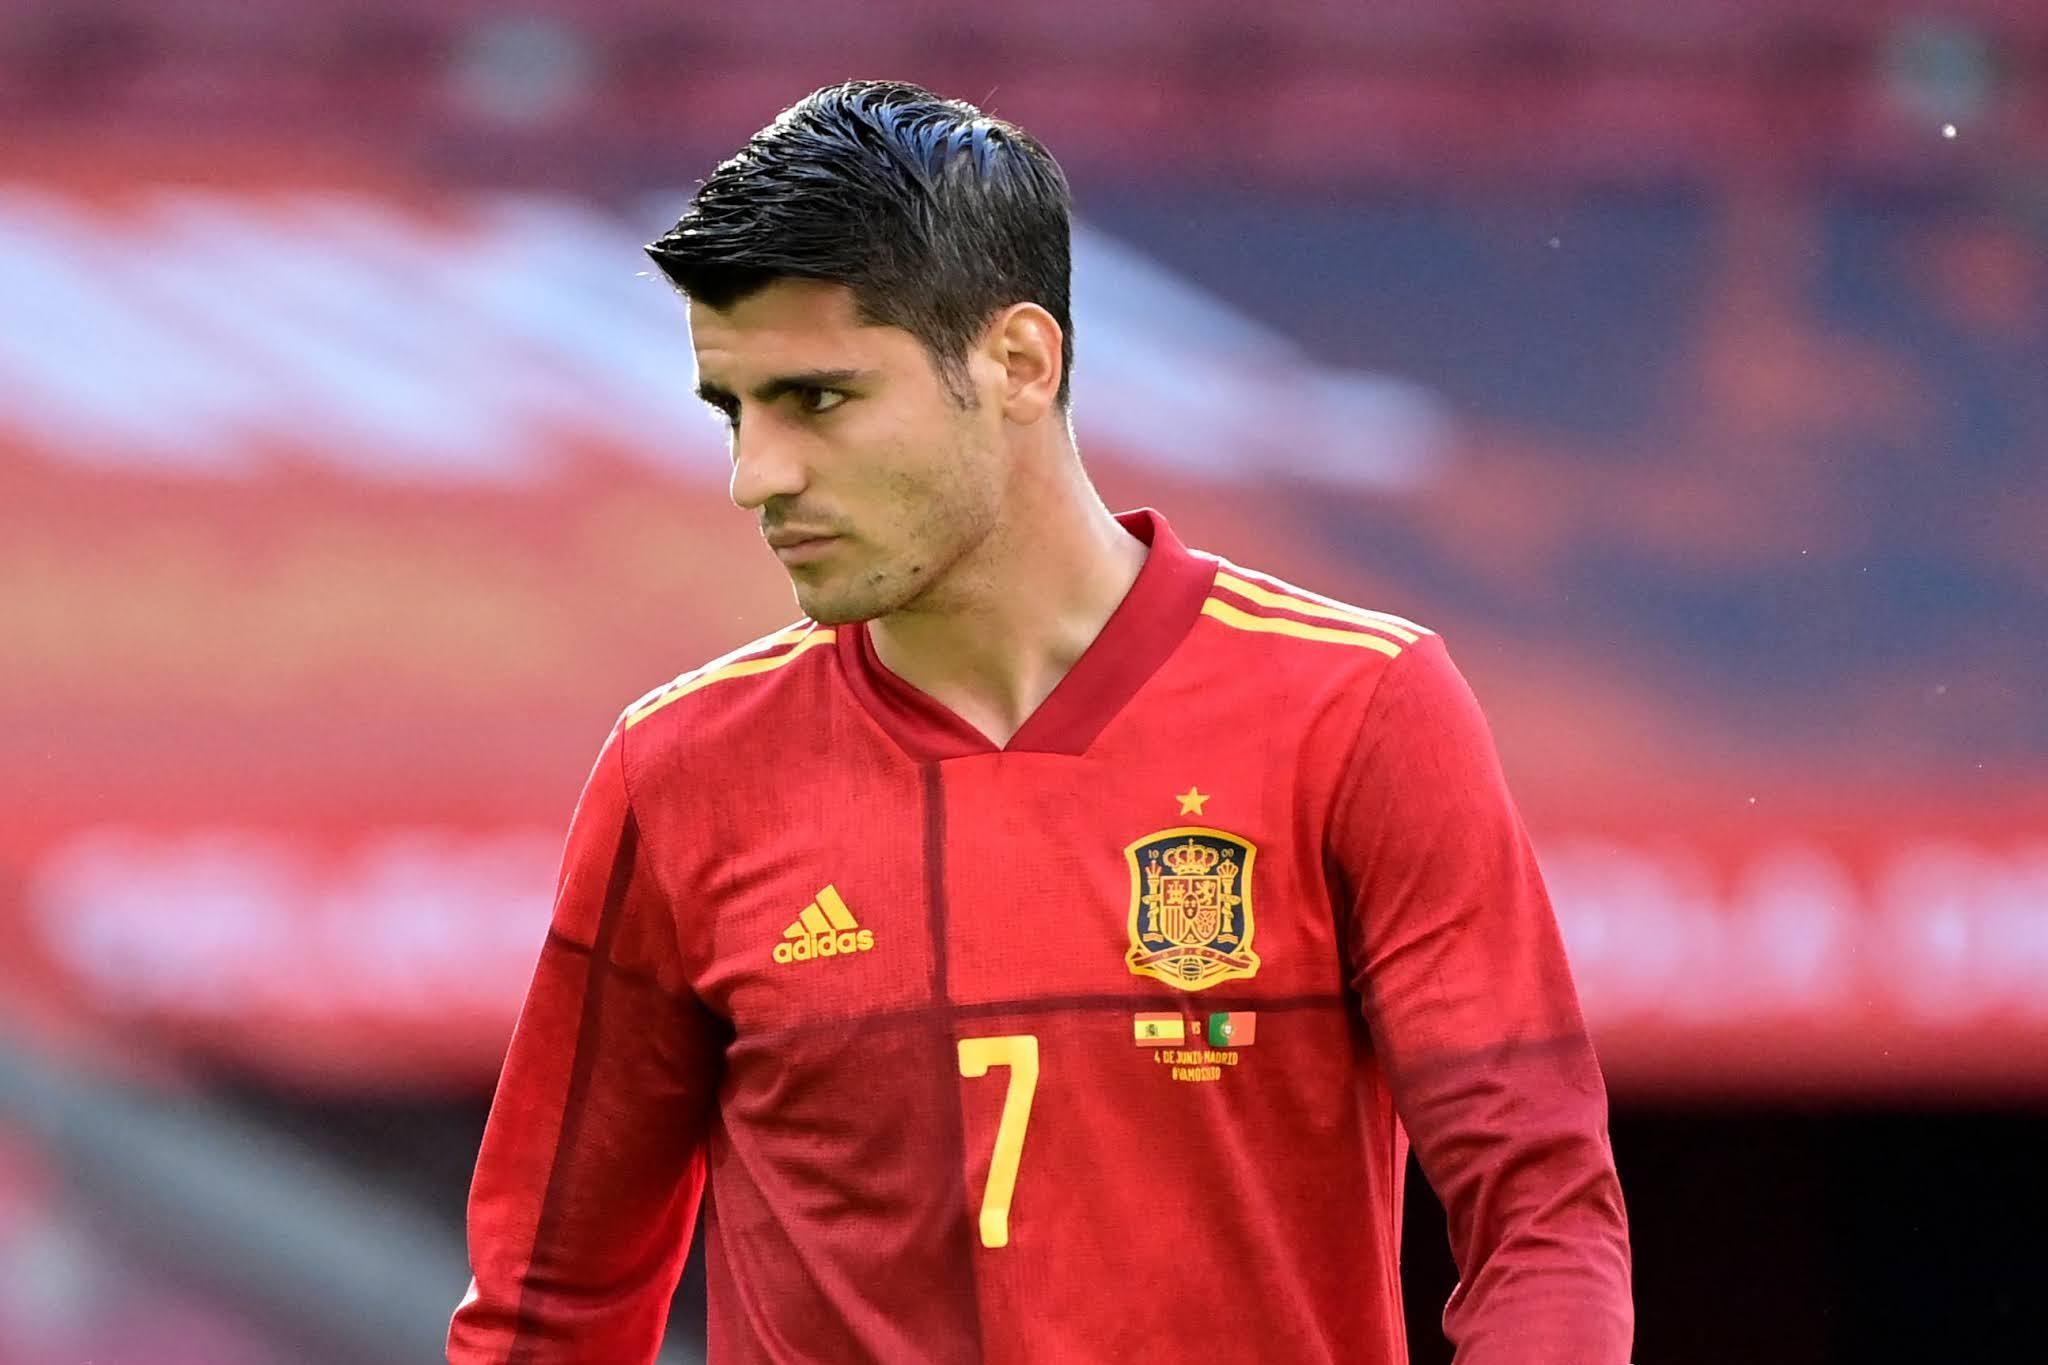 La Furia Roja striker Alvaro Morata